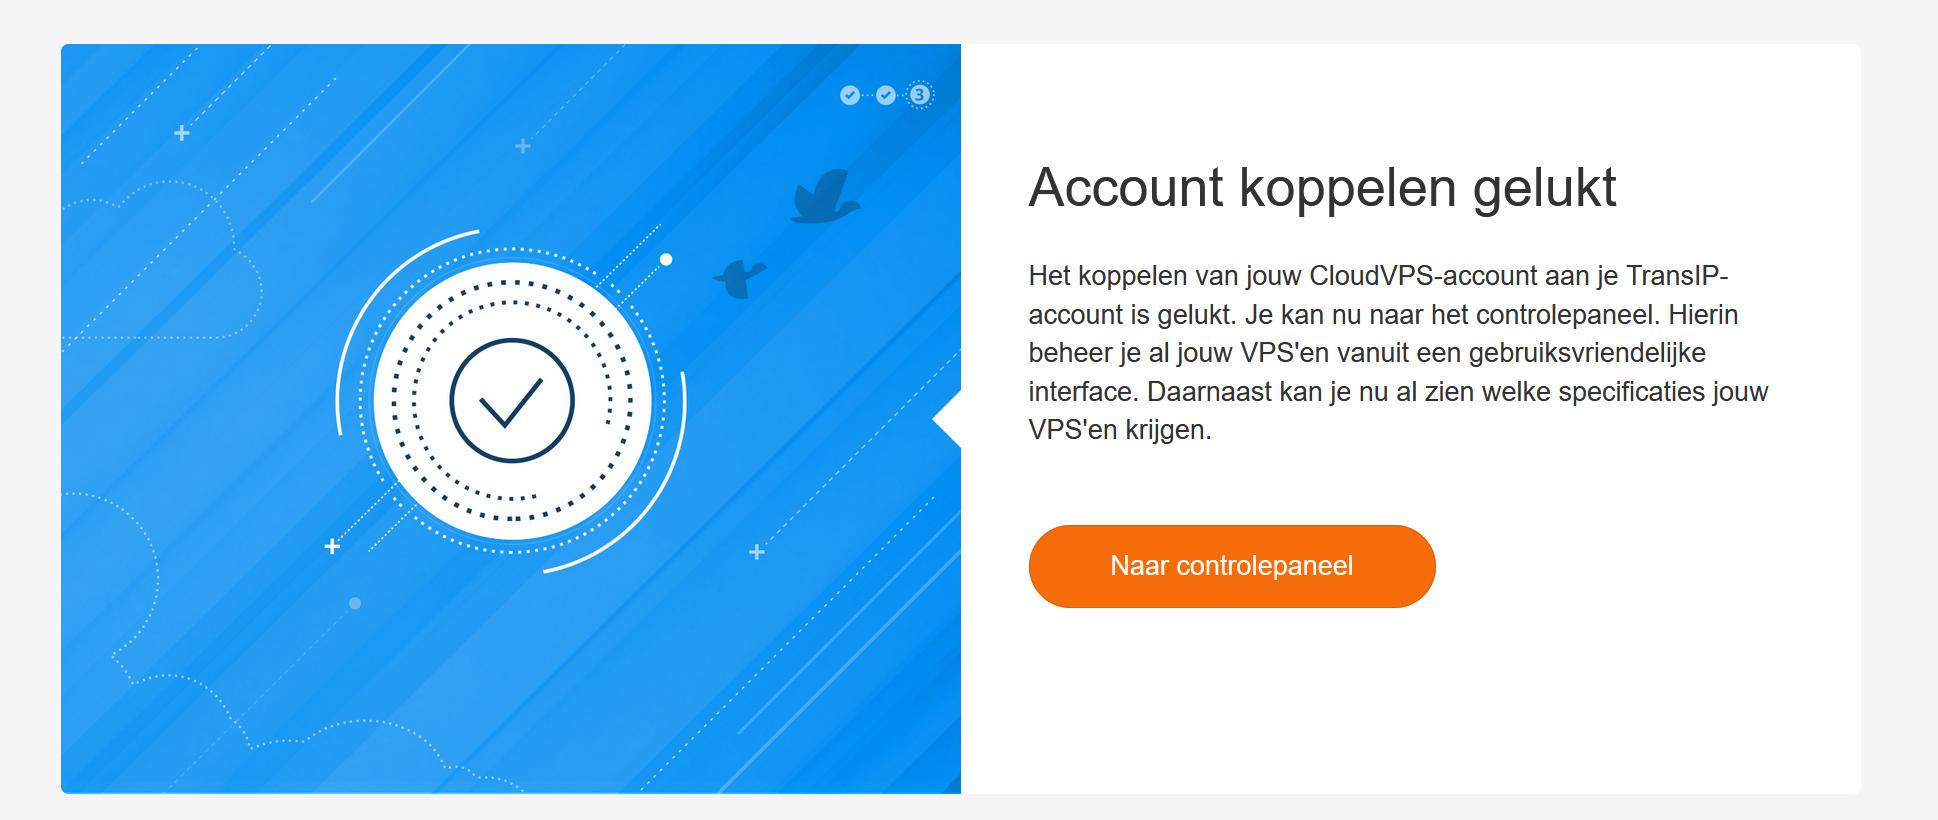 cloudvps claim account koppelen gelukt